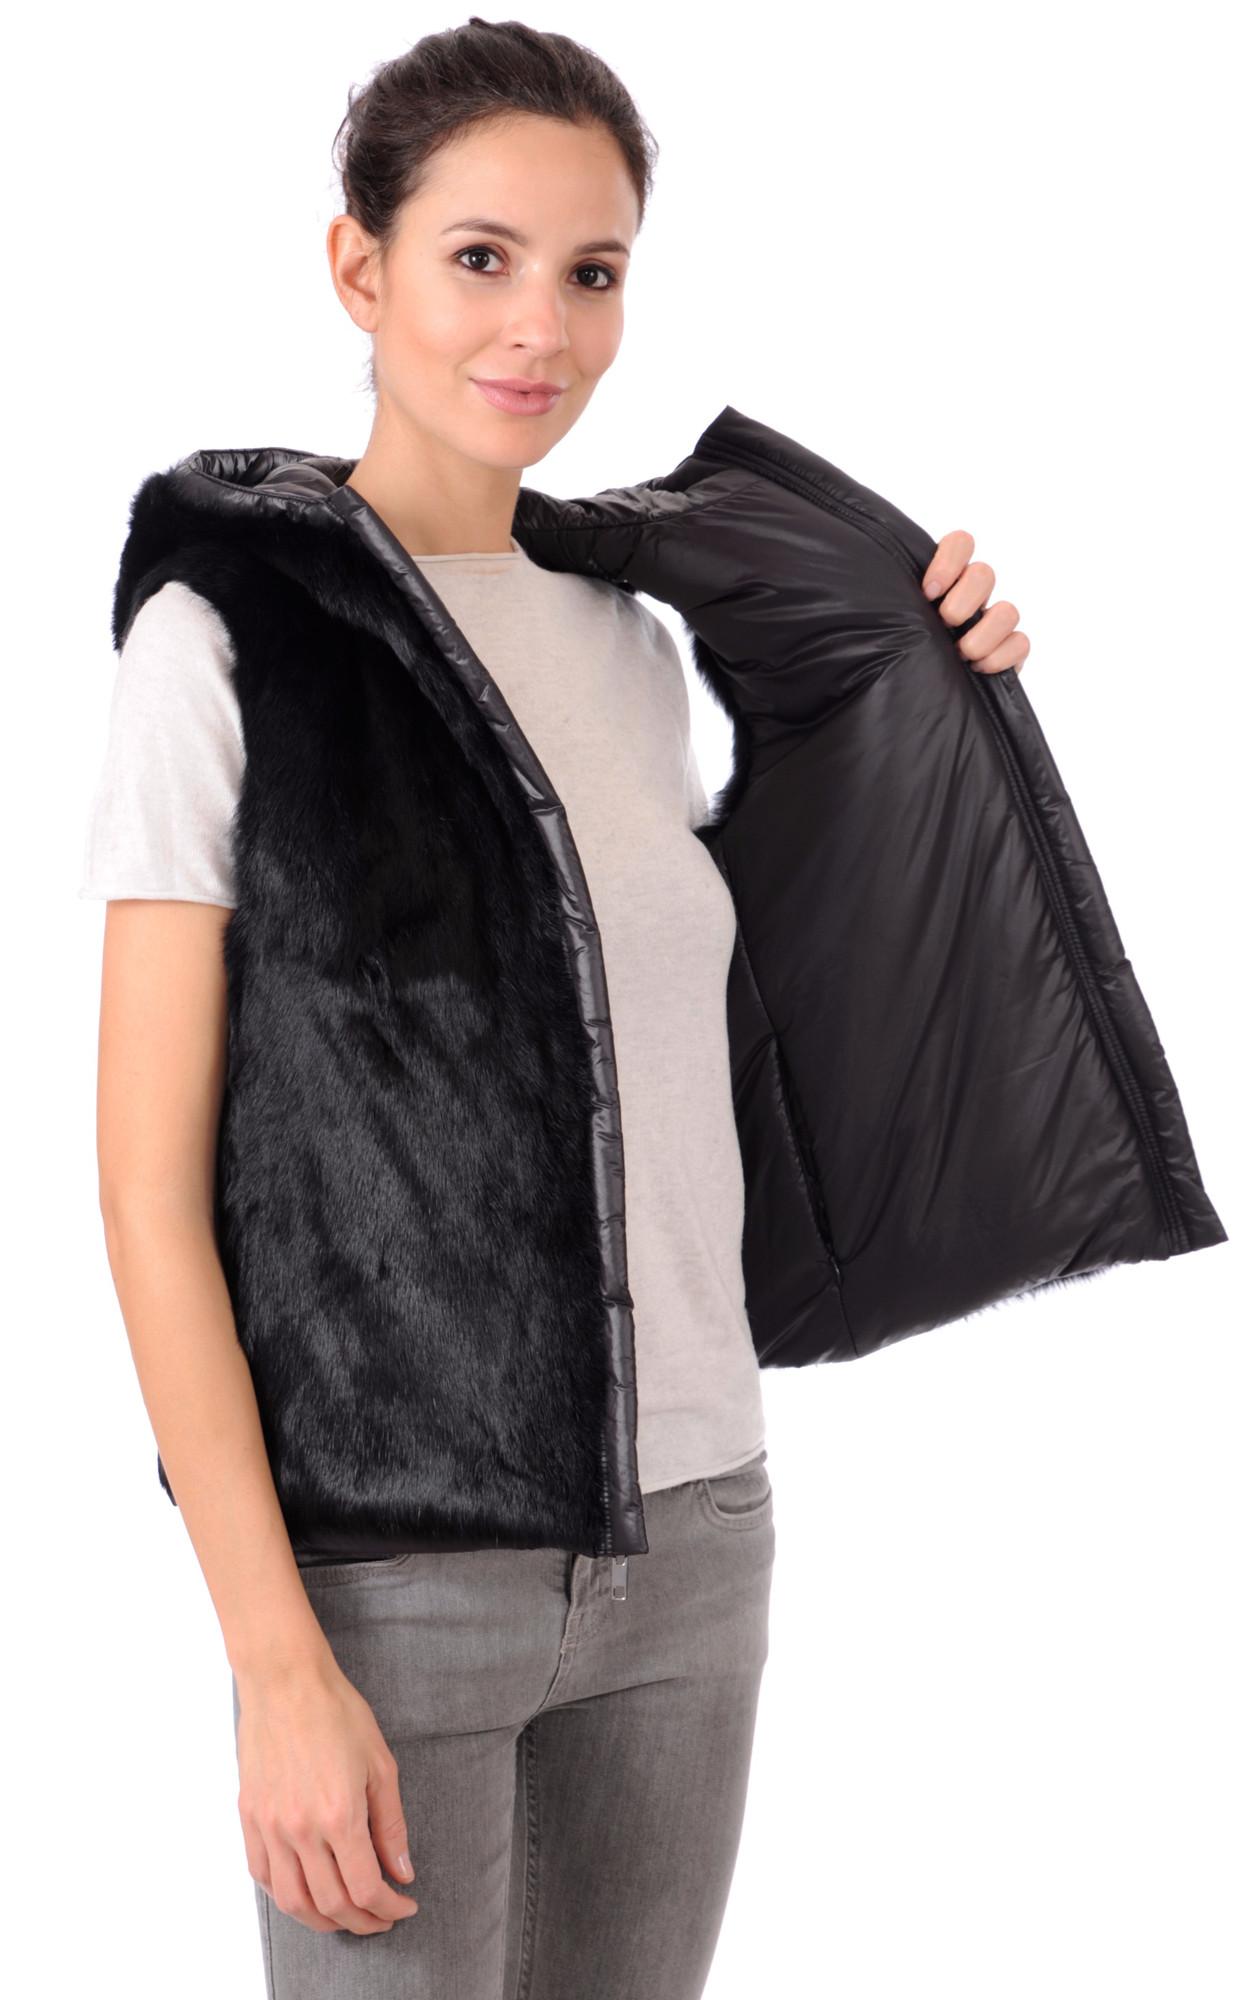 Gilet Textile et Fourrure Réversible